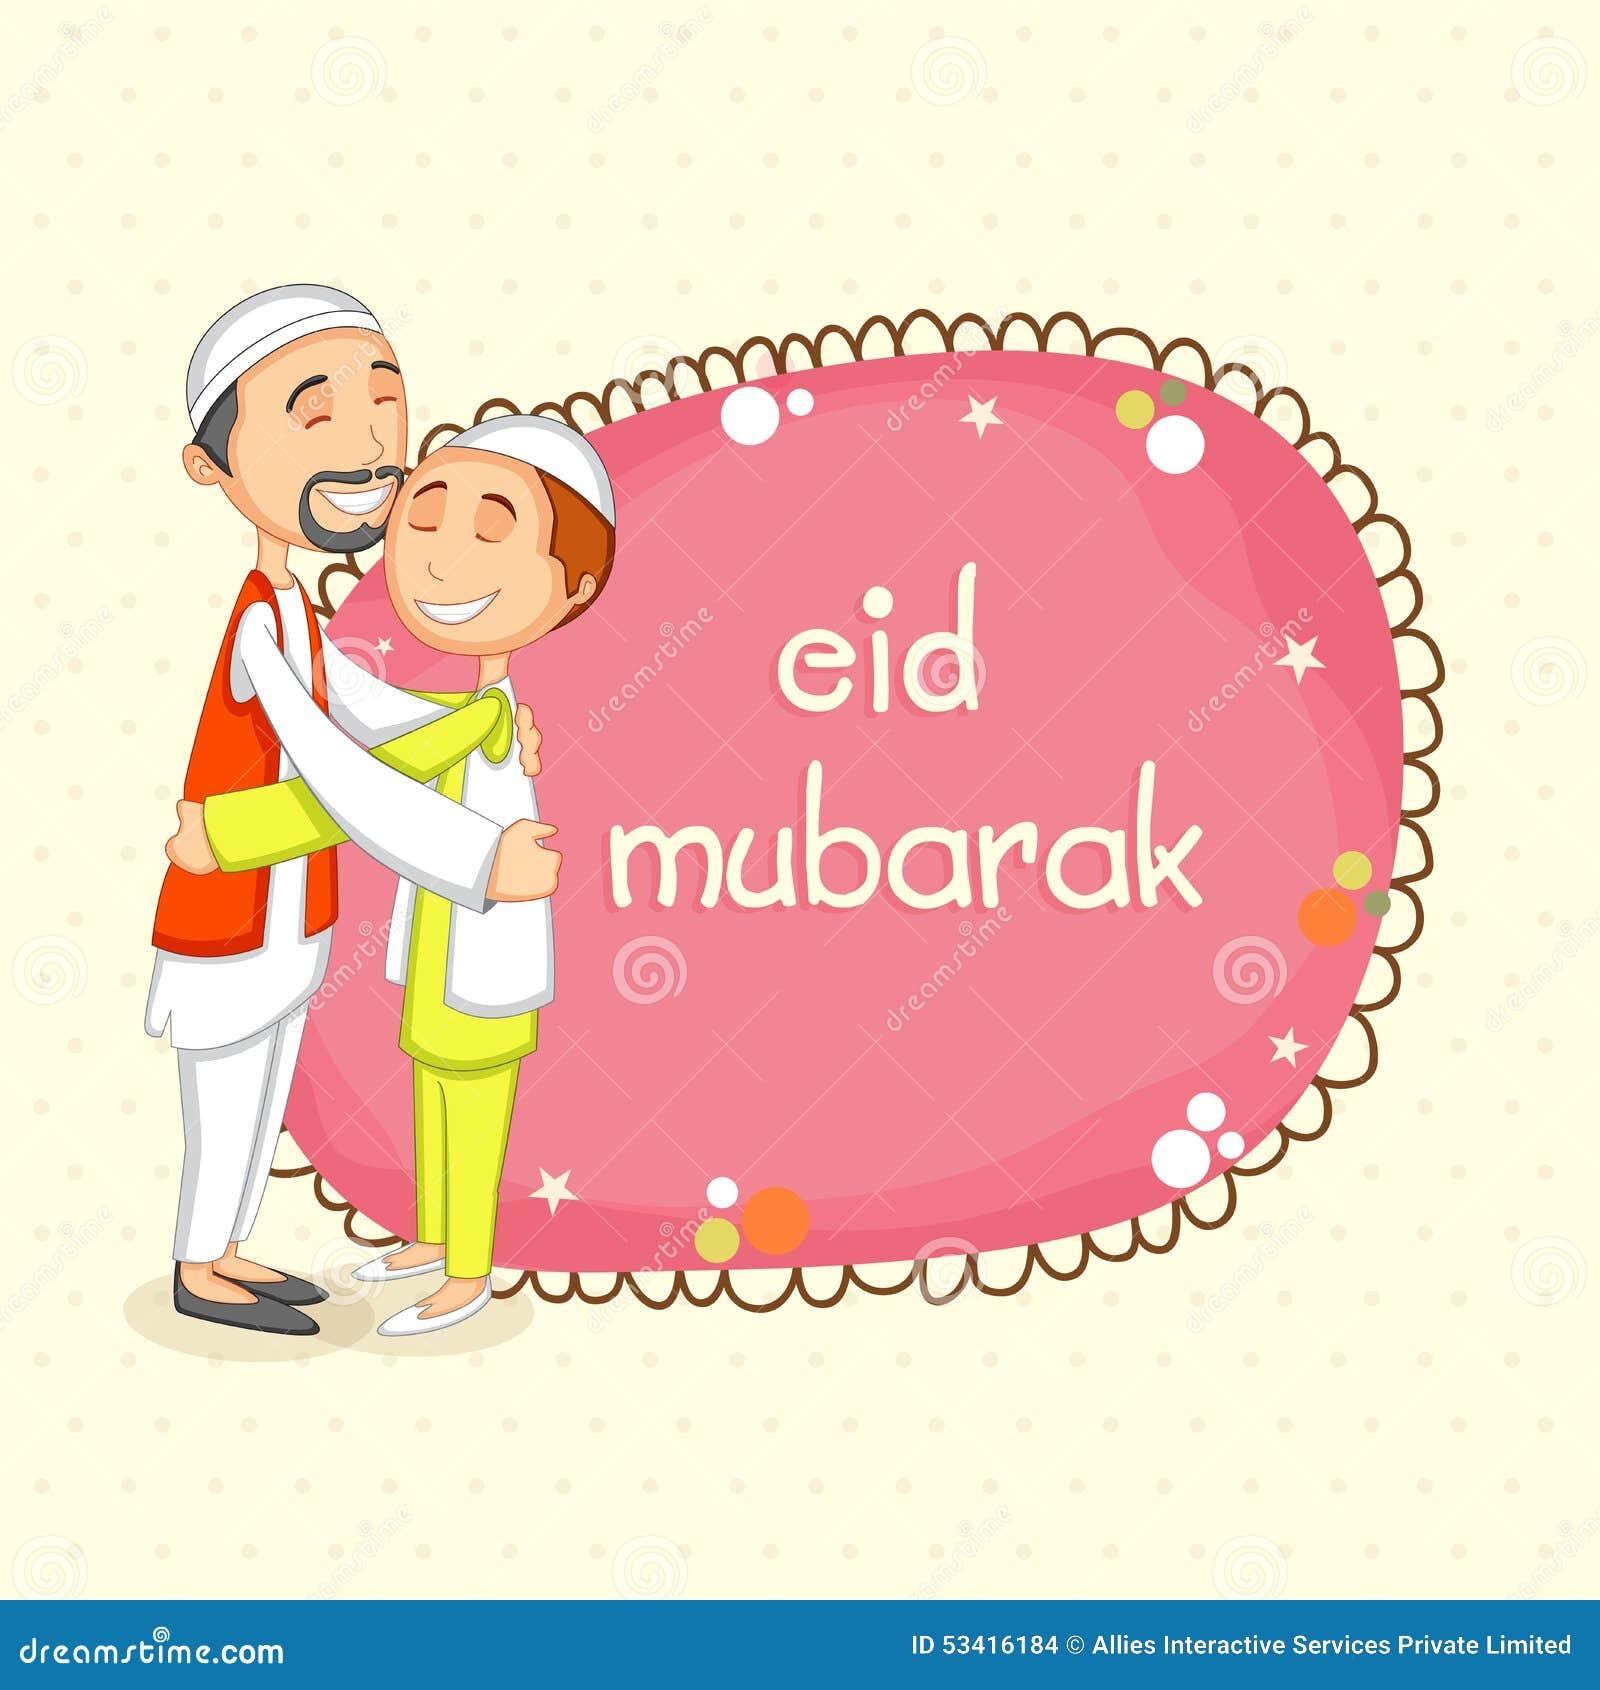 Muslim Invitation is nice invitation ideas